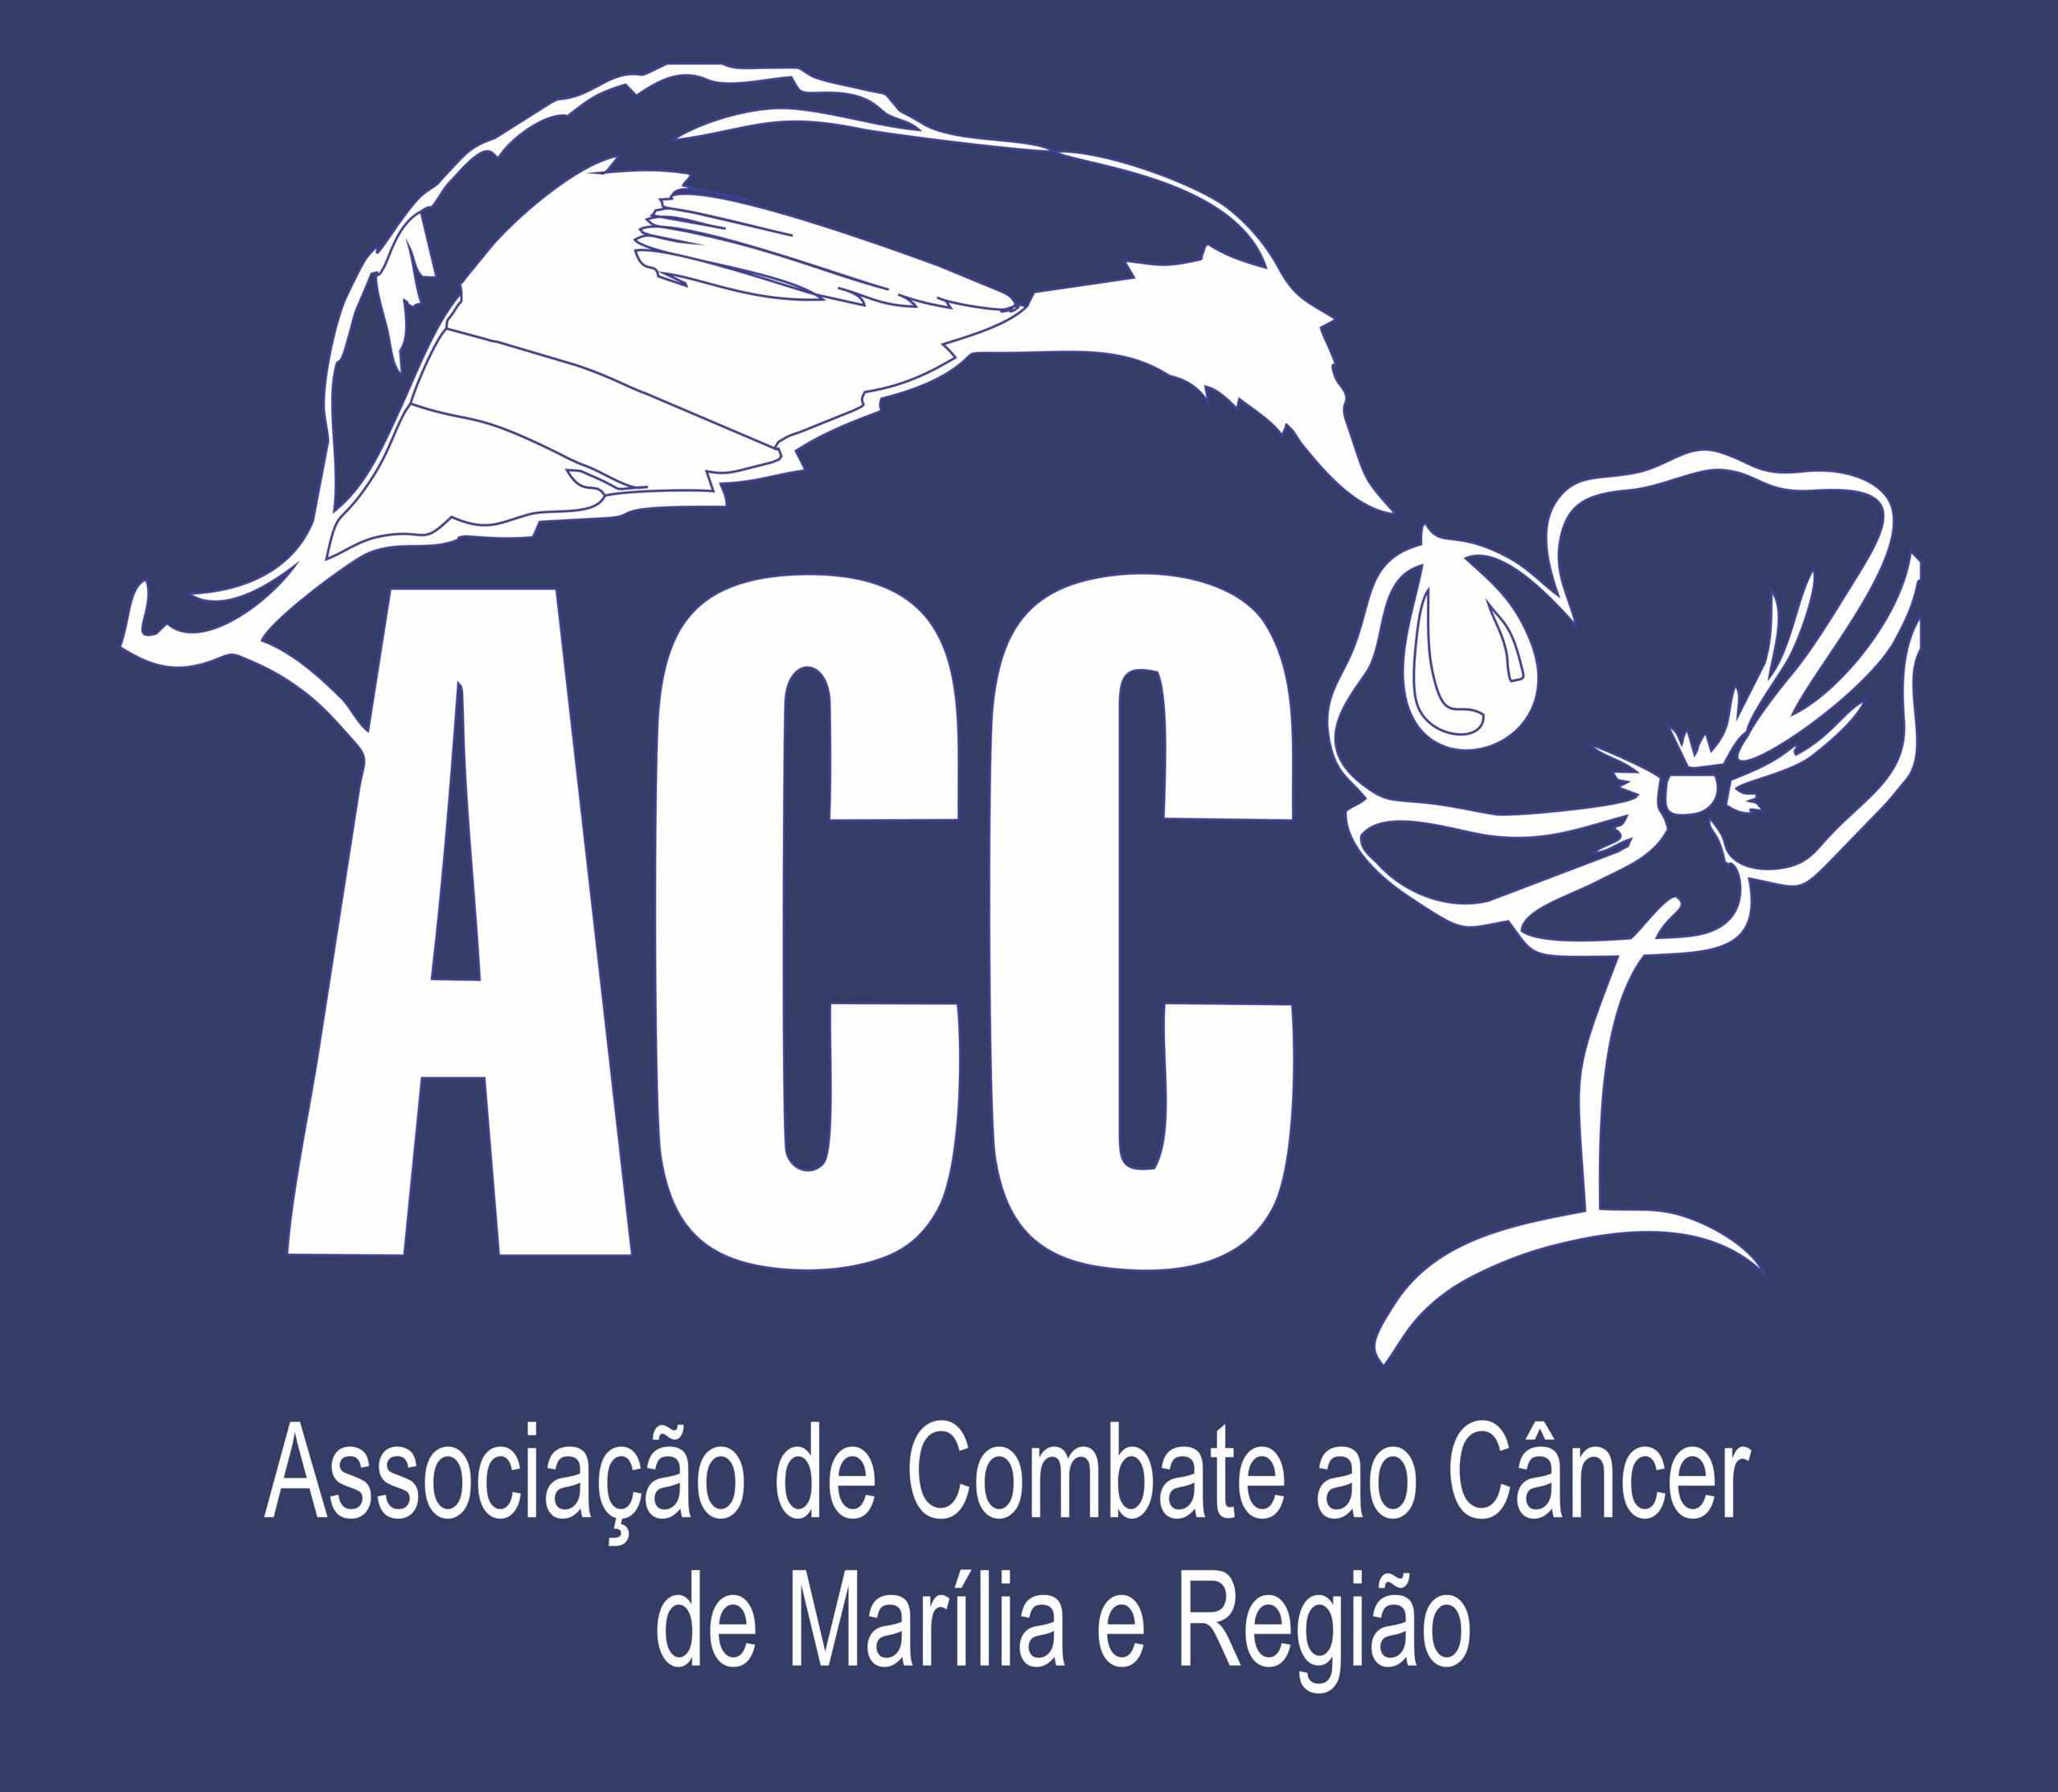 Associação de Combate ao Câncer de Marília e Região